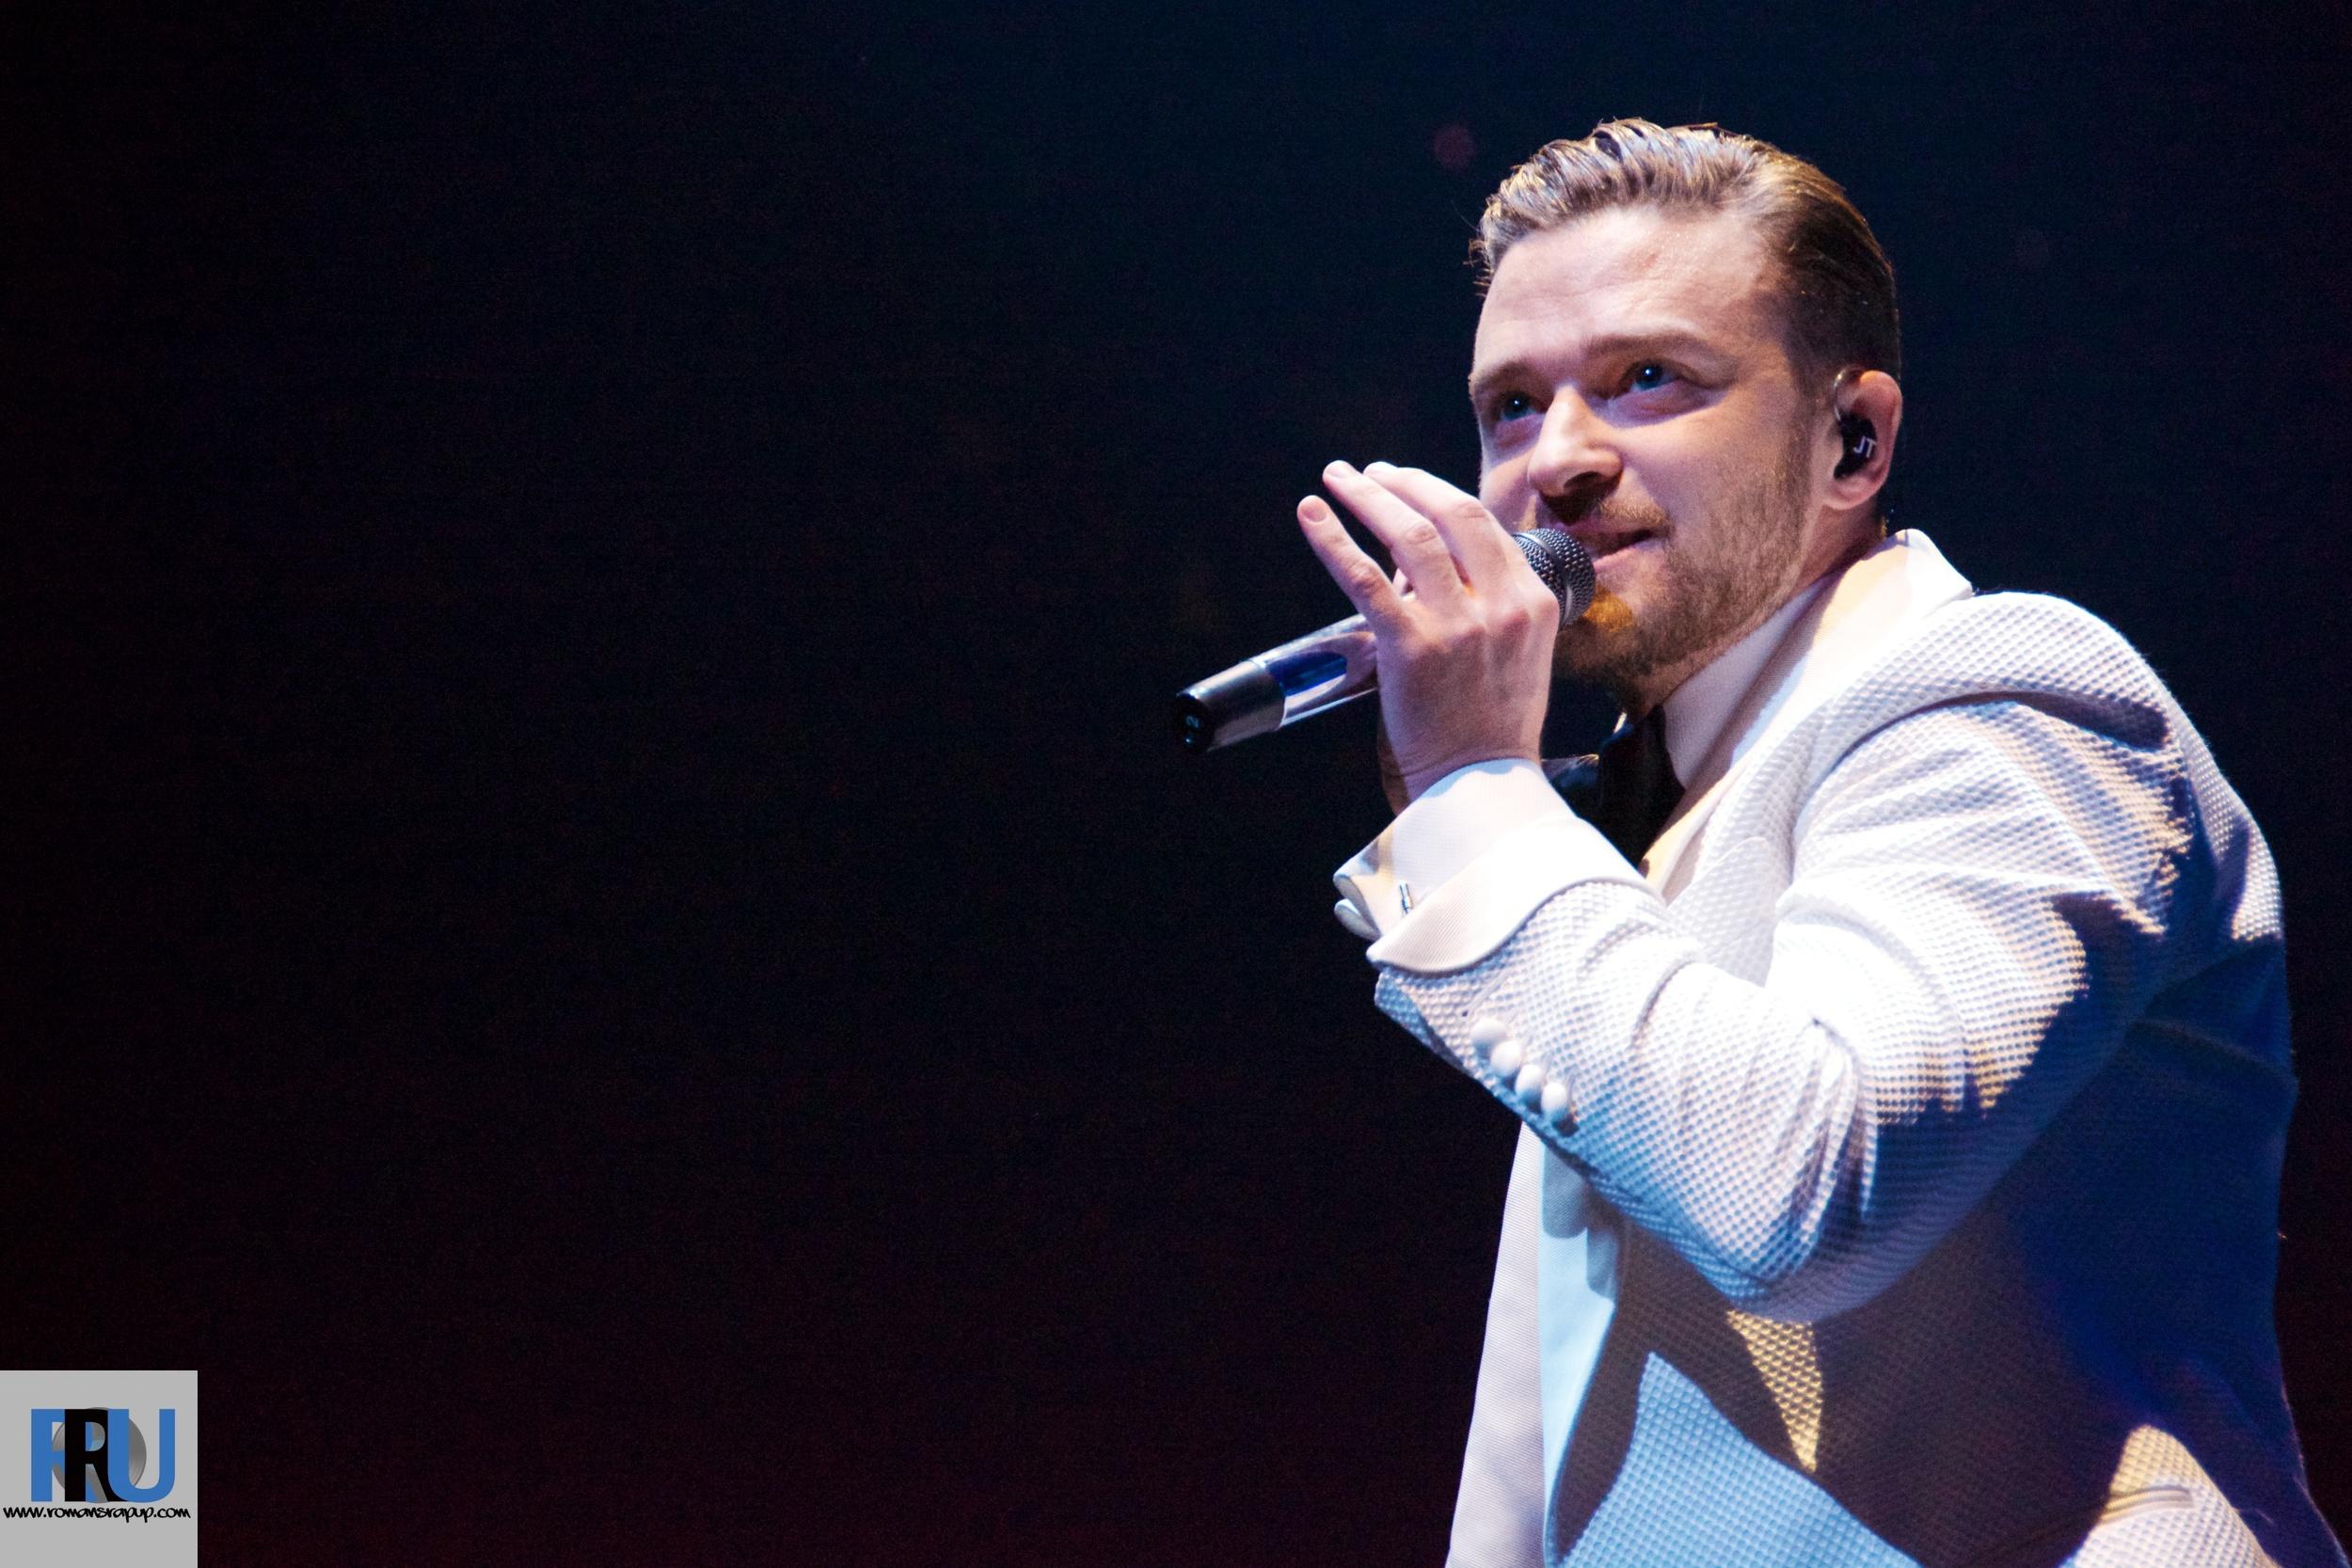 Justin Timberlake 23.jpg